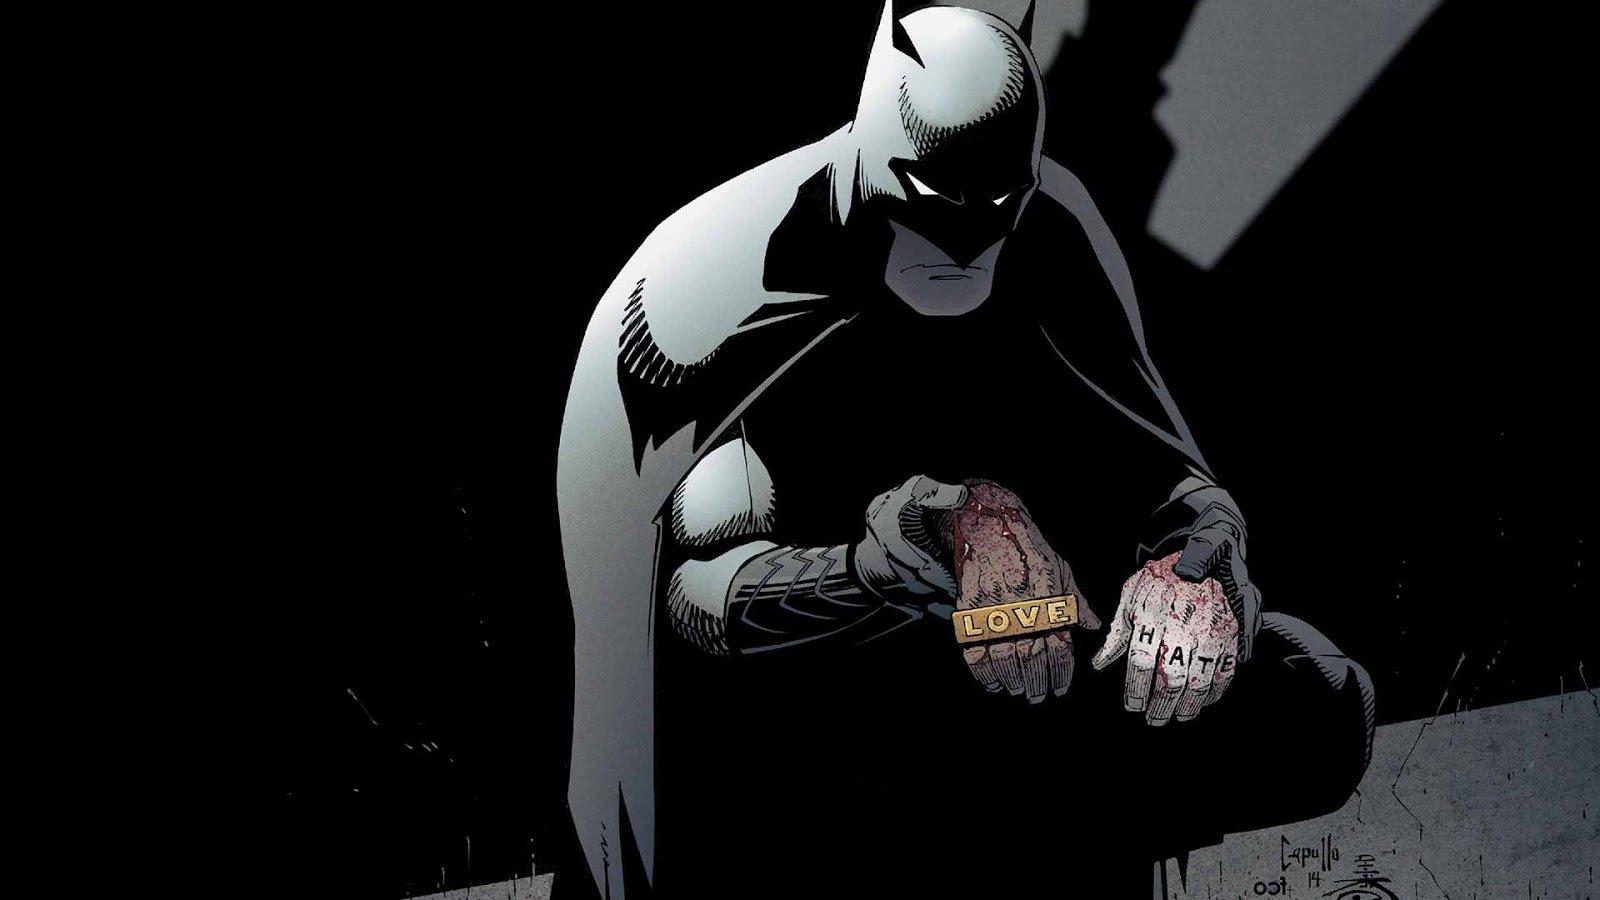 Вместо Suicide Squad. Анимация вселенной DC - Изображение 1